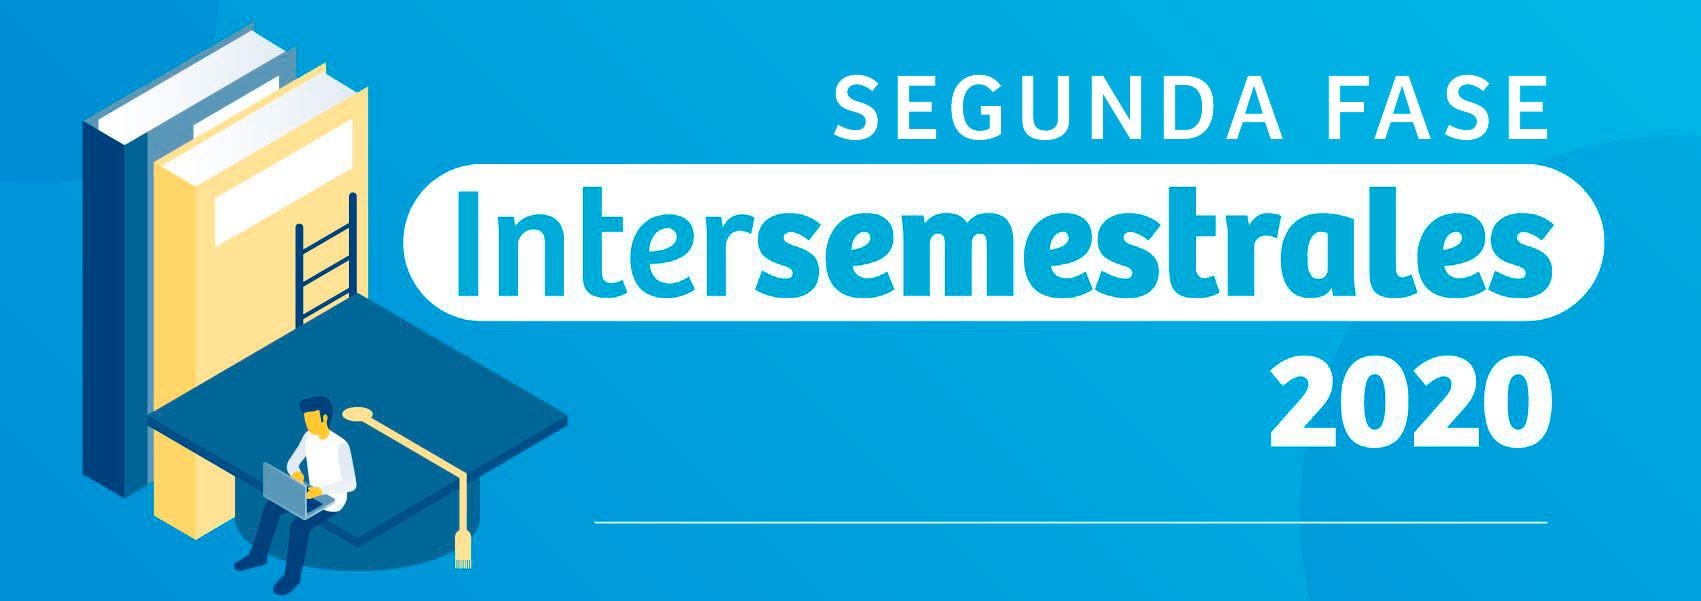 header-intersemestrales-segunda-fase2-upc-2020-02